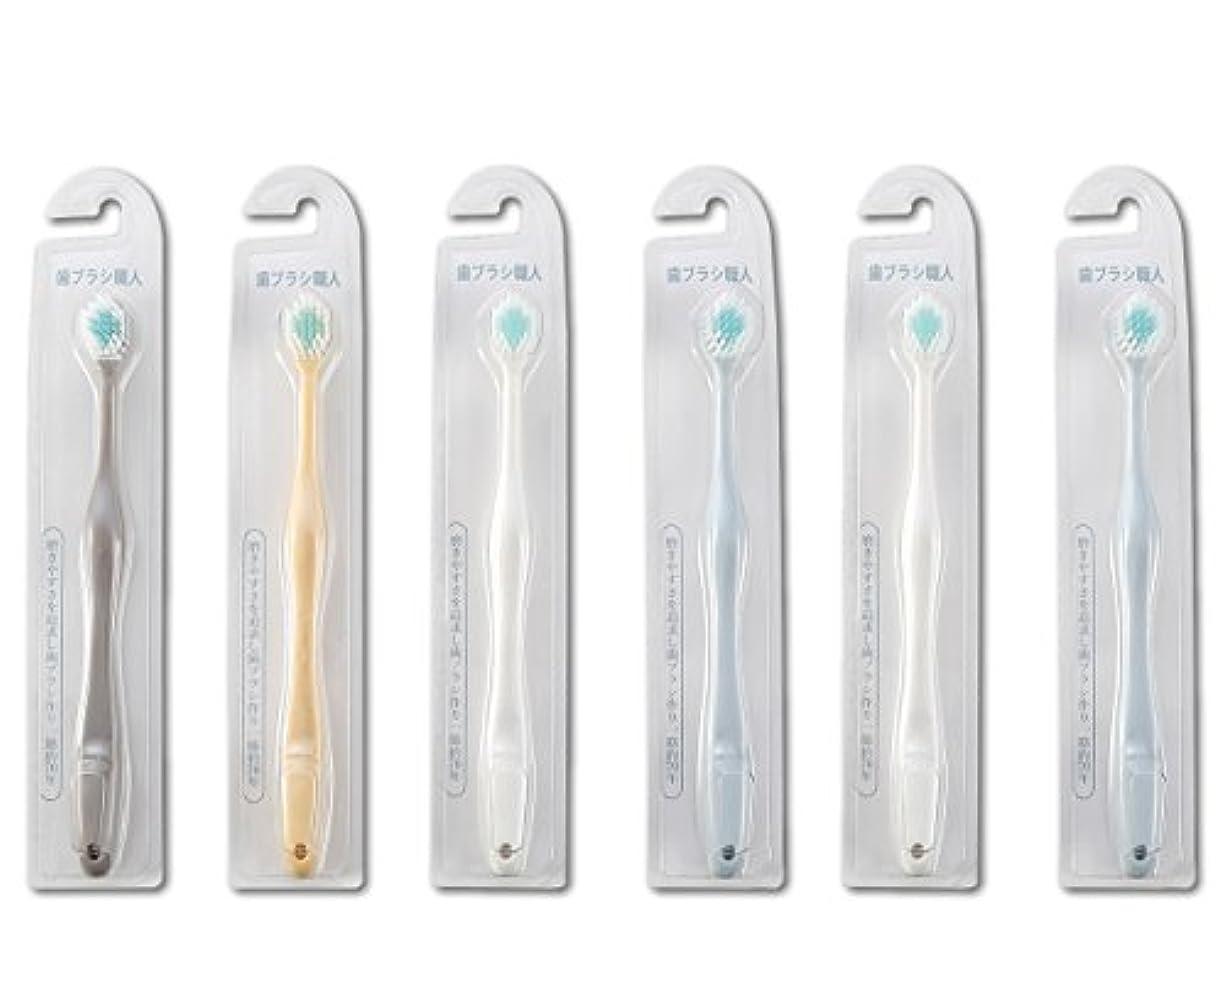 トチの実の木記念碑的な敬意を表して歯ブラシ職人Artooth ® 田辺重吉 磨きやすい歯ブラシ ワイド 6列レギュラー AT-30 (6本組)